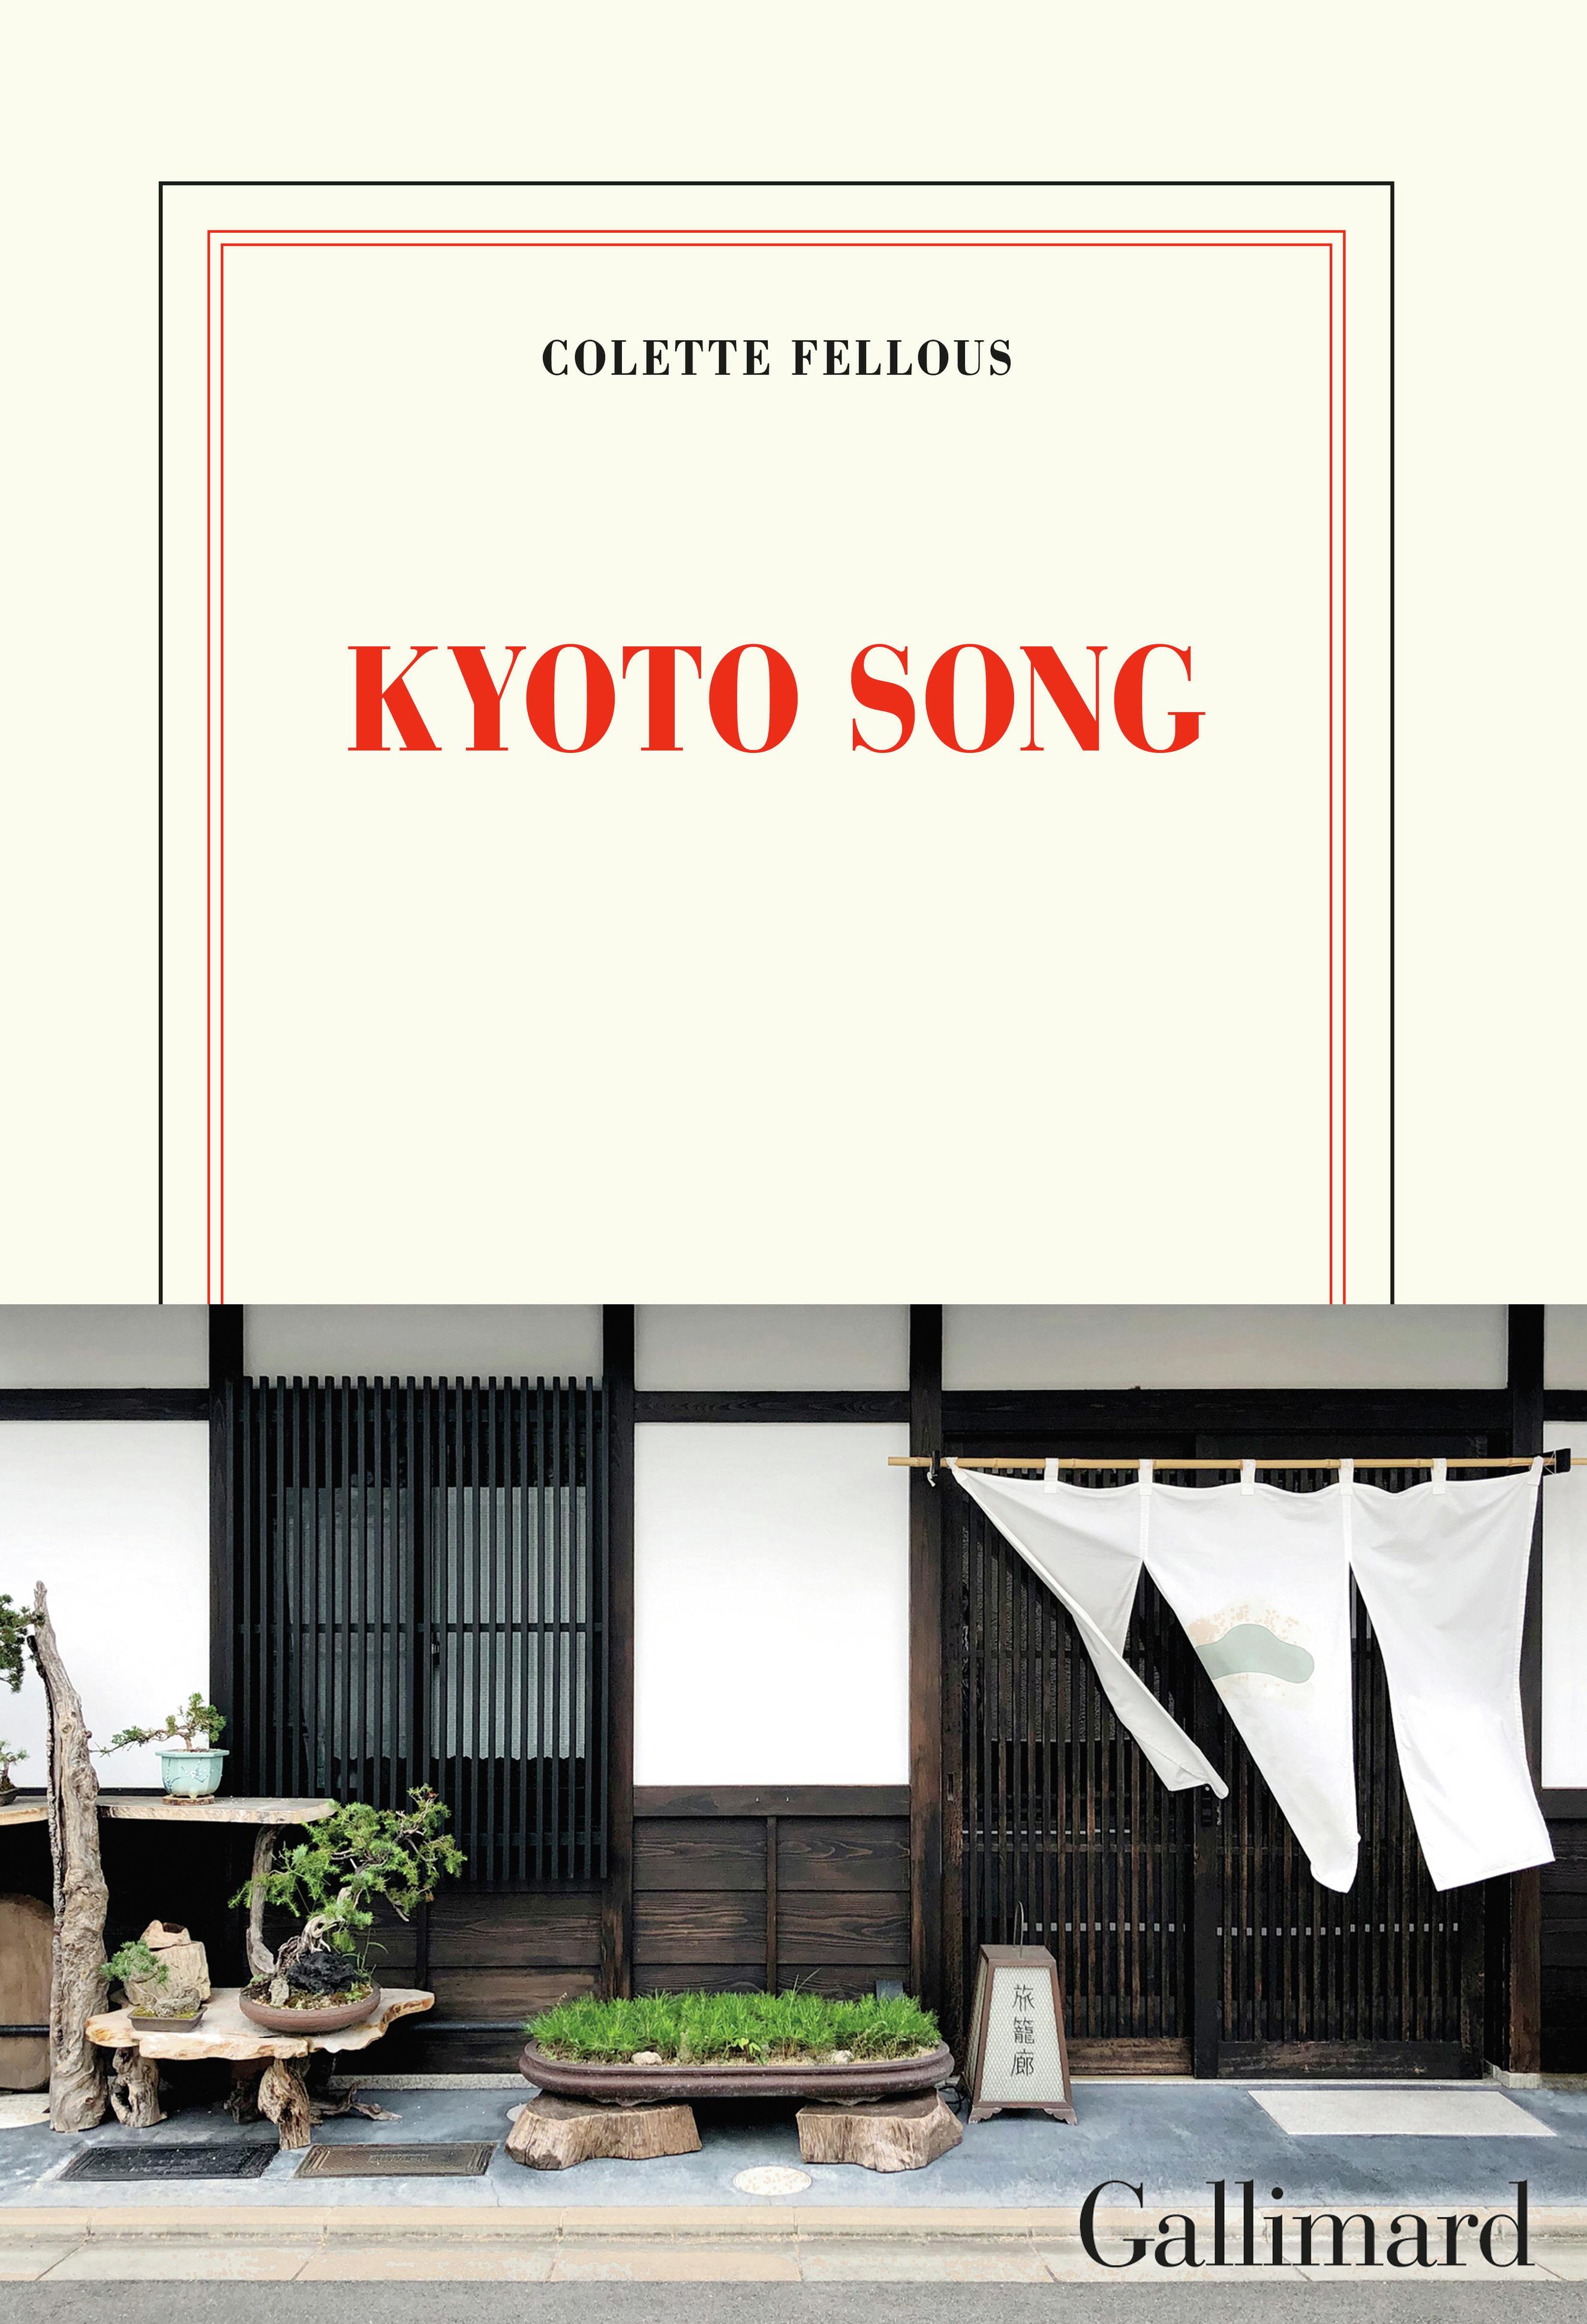 KYOTO SONG